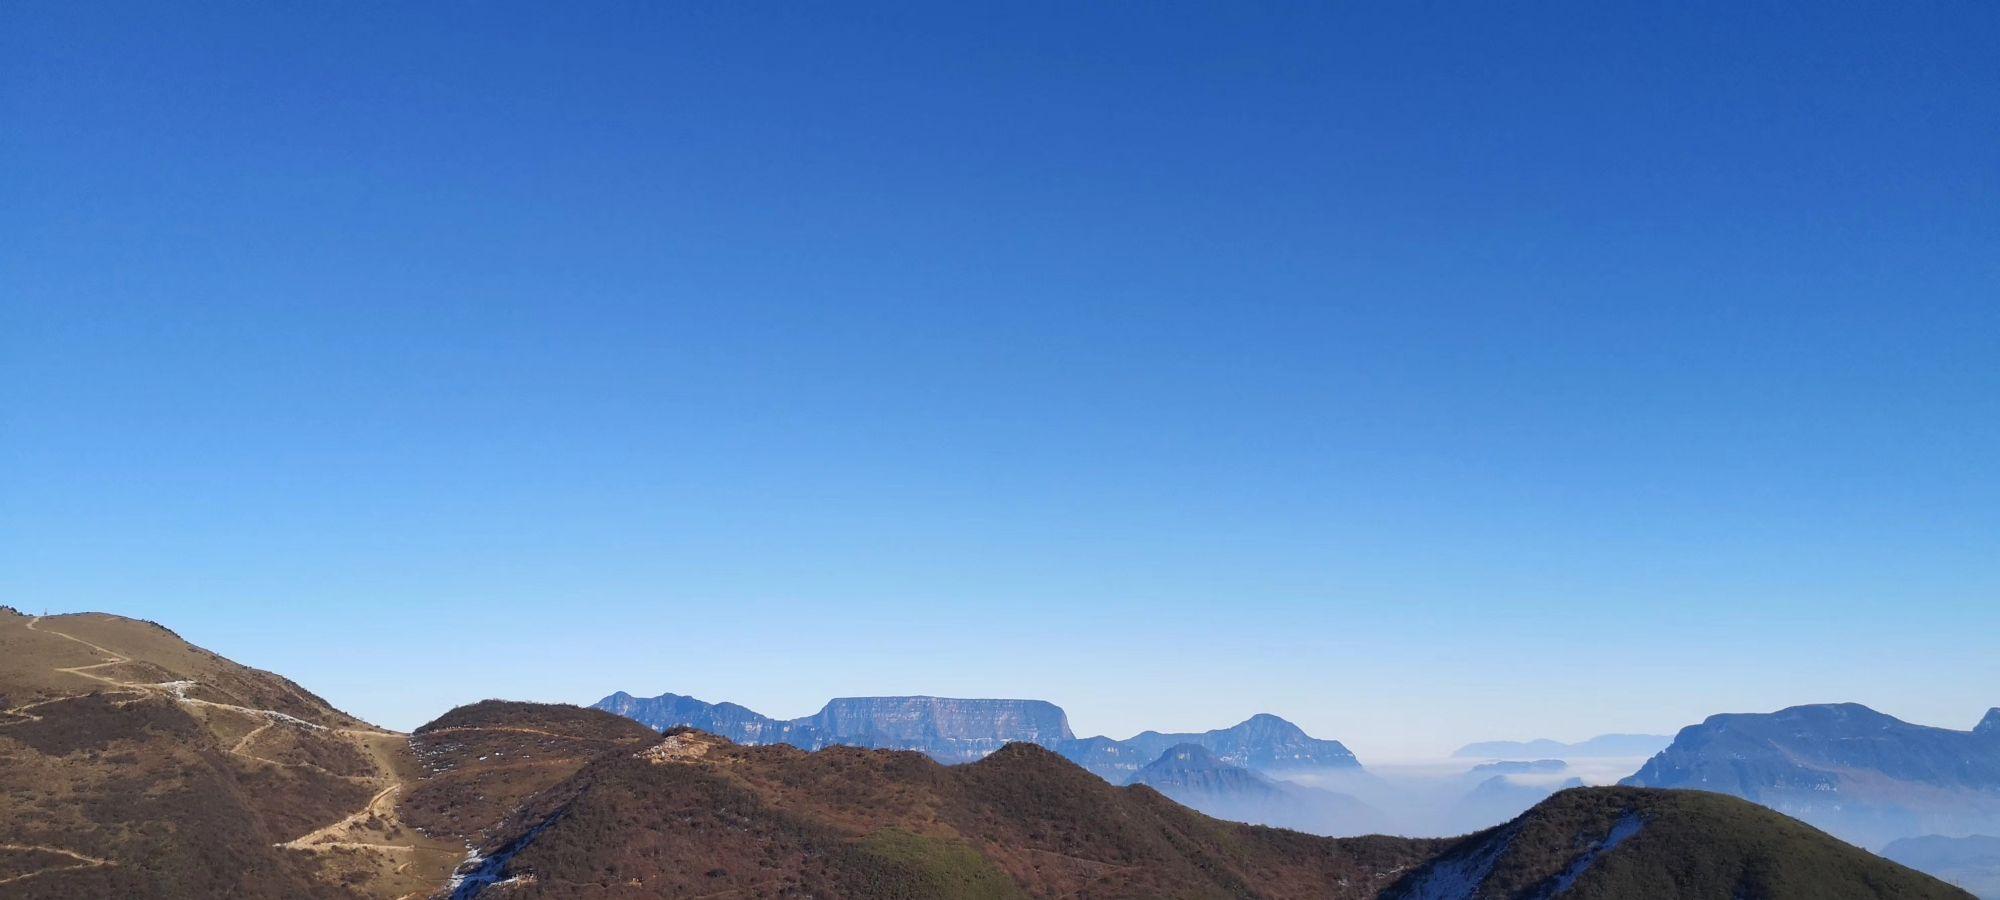 四川汉源轿顶山:冬日雪后,蓝魅的群山